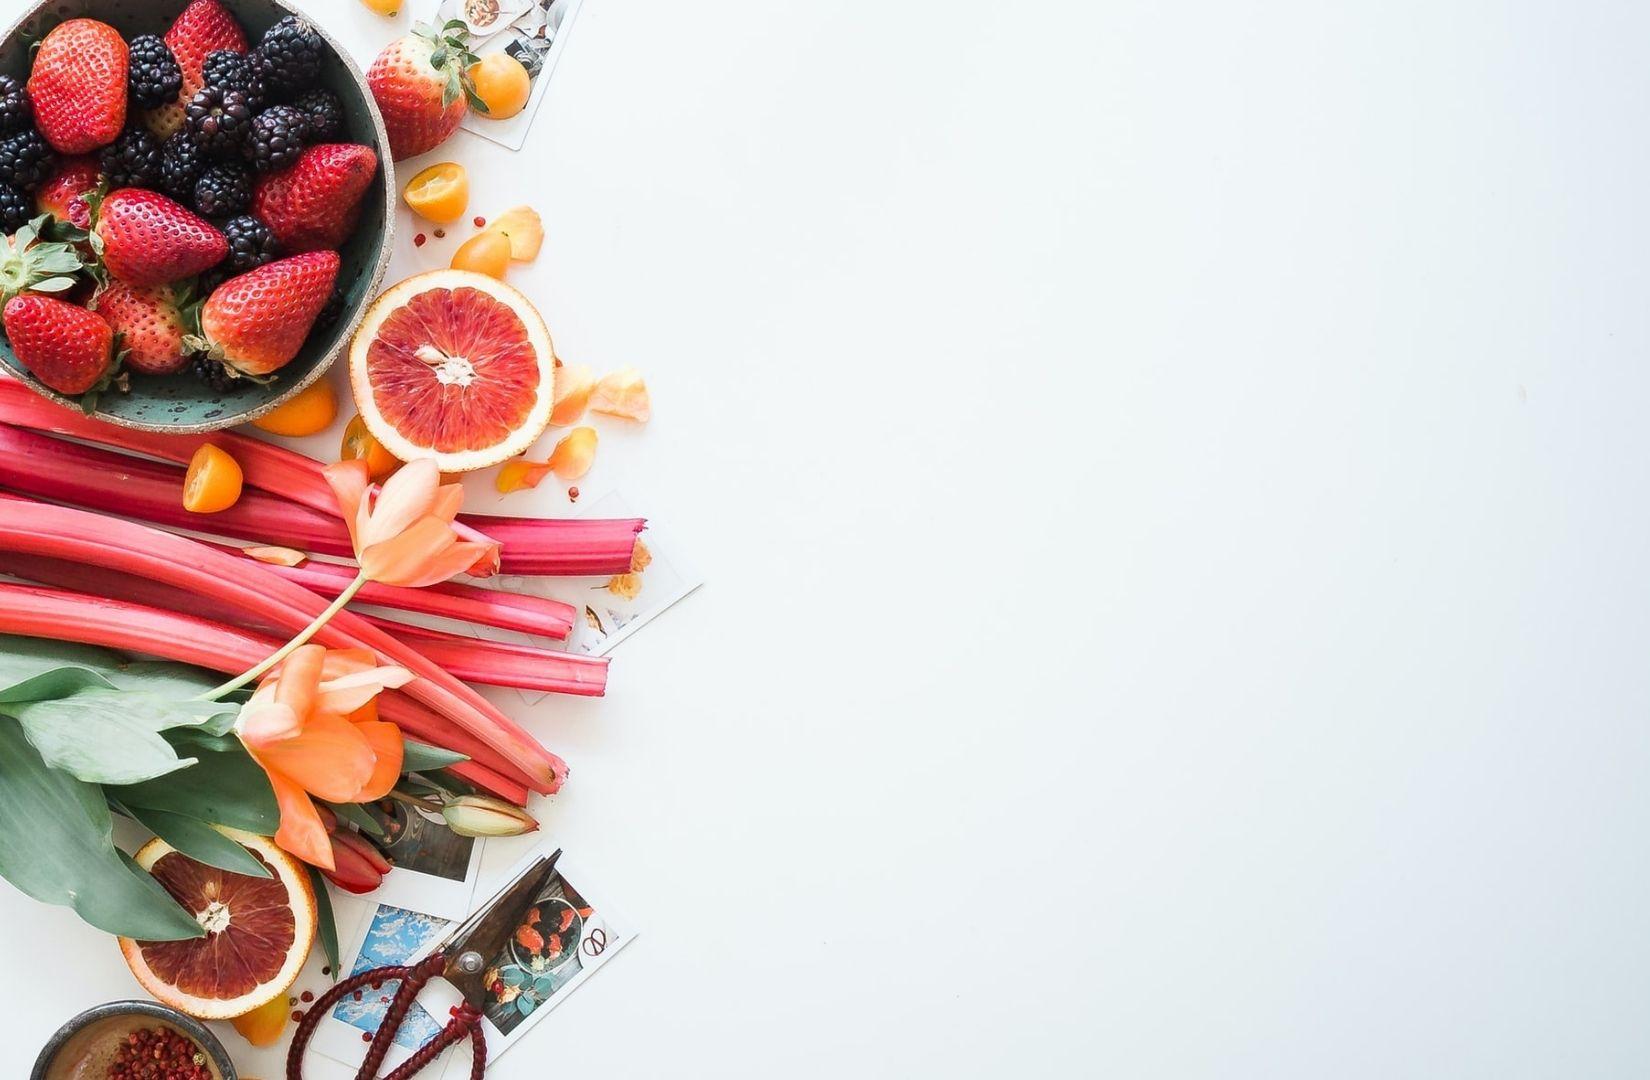 Der Blick in den Abgrund beginnt nicht am Küchentisch. (Symbolfoto: Brooke Lark, Unsplash.com)